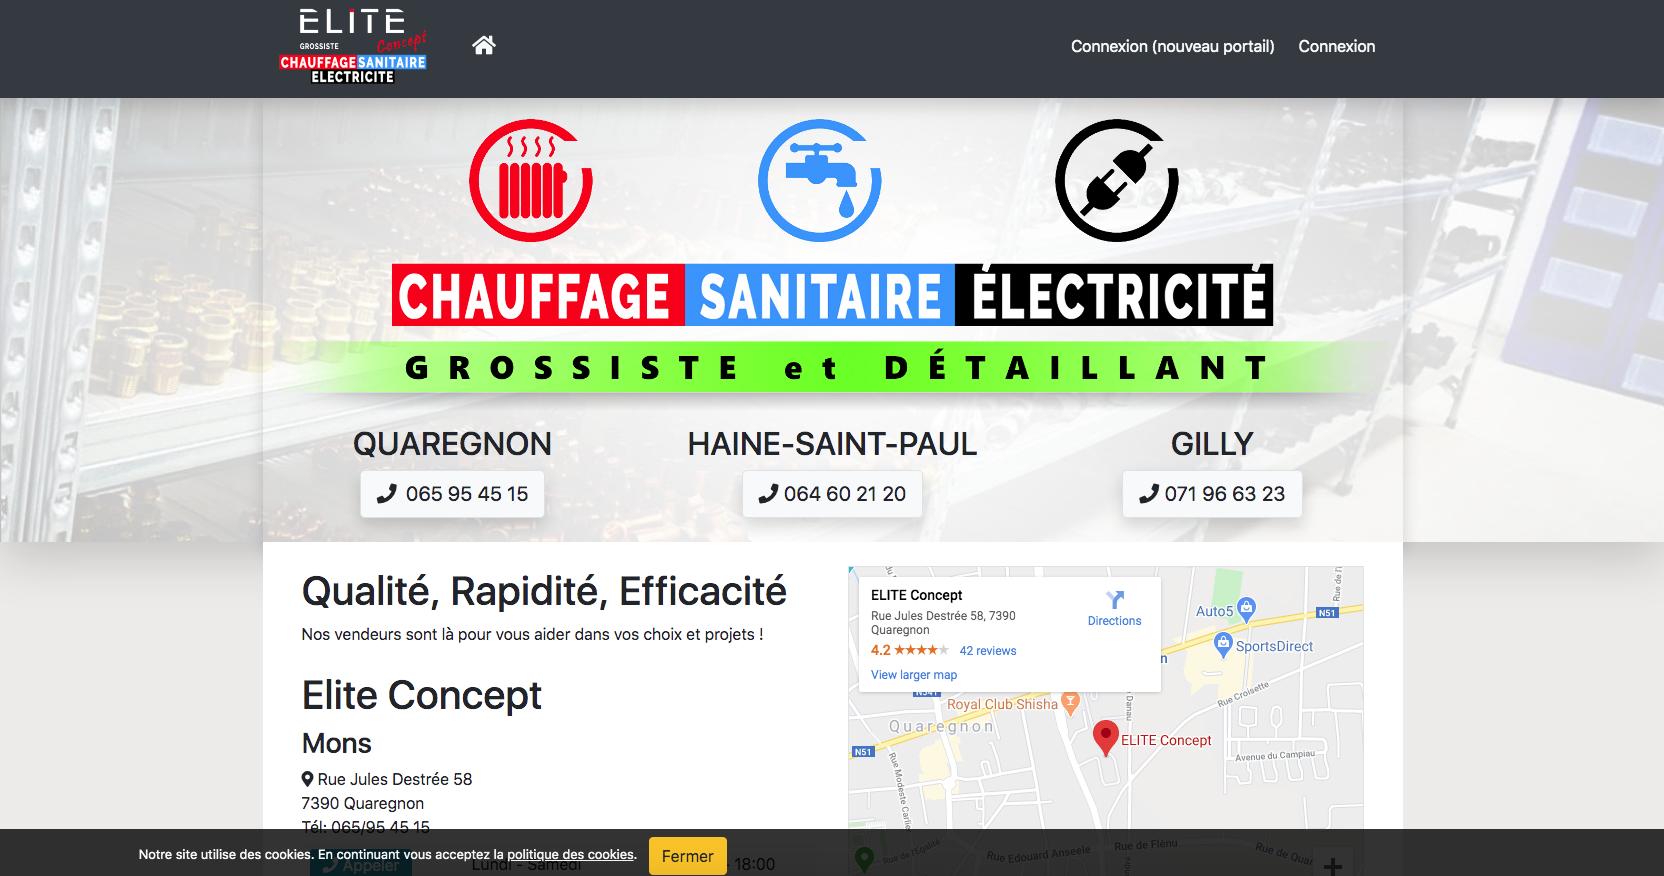 Elite Concept EU - Grossiste Chauffage - Sanitaire - Électricité